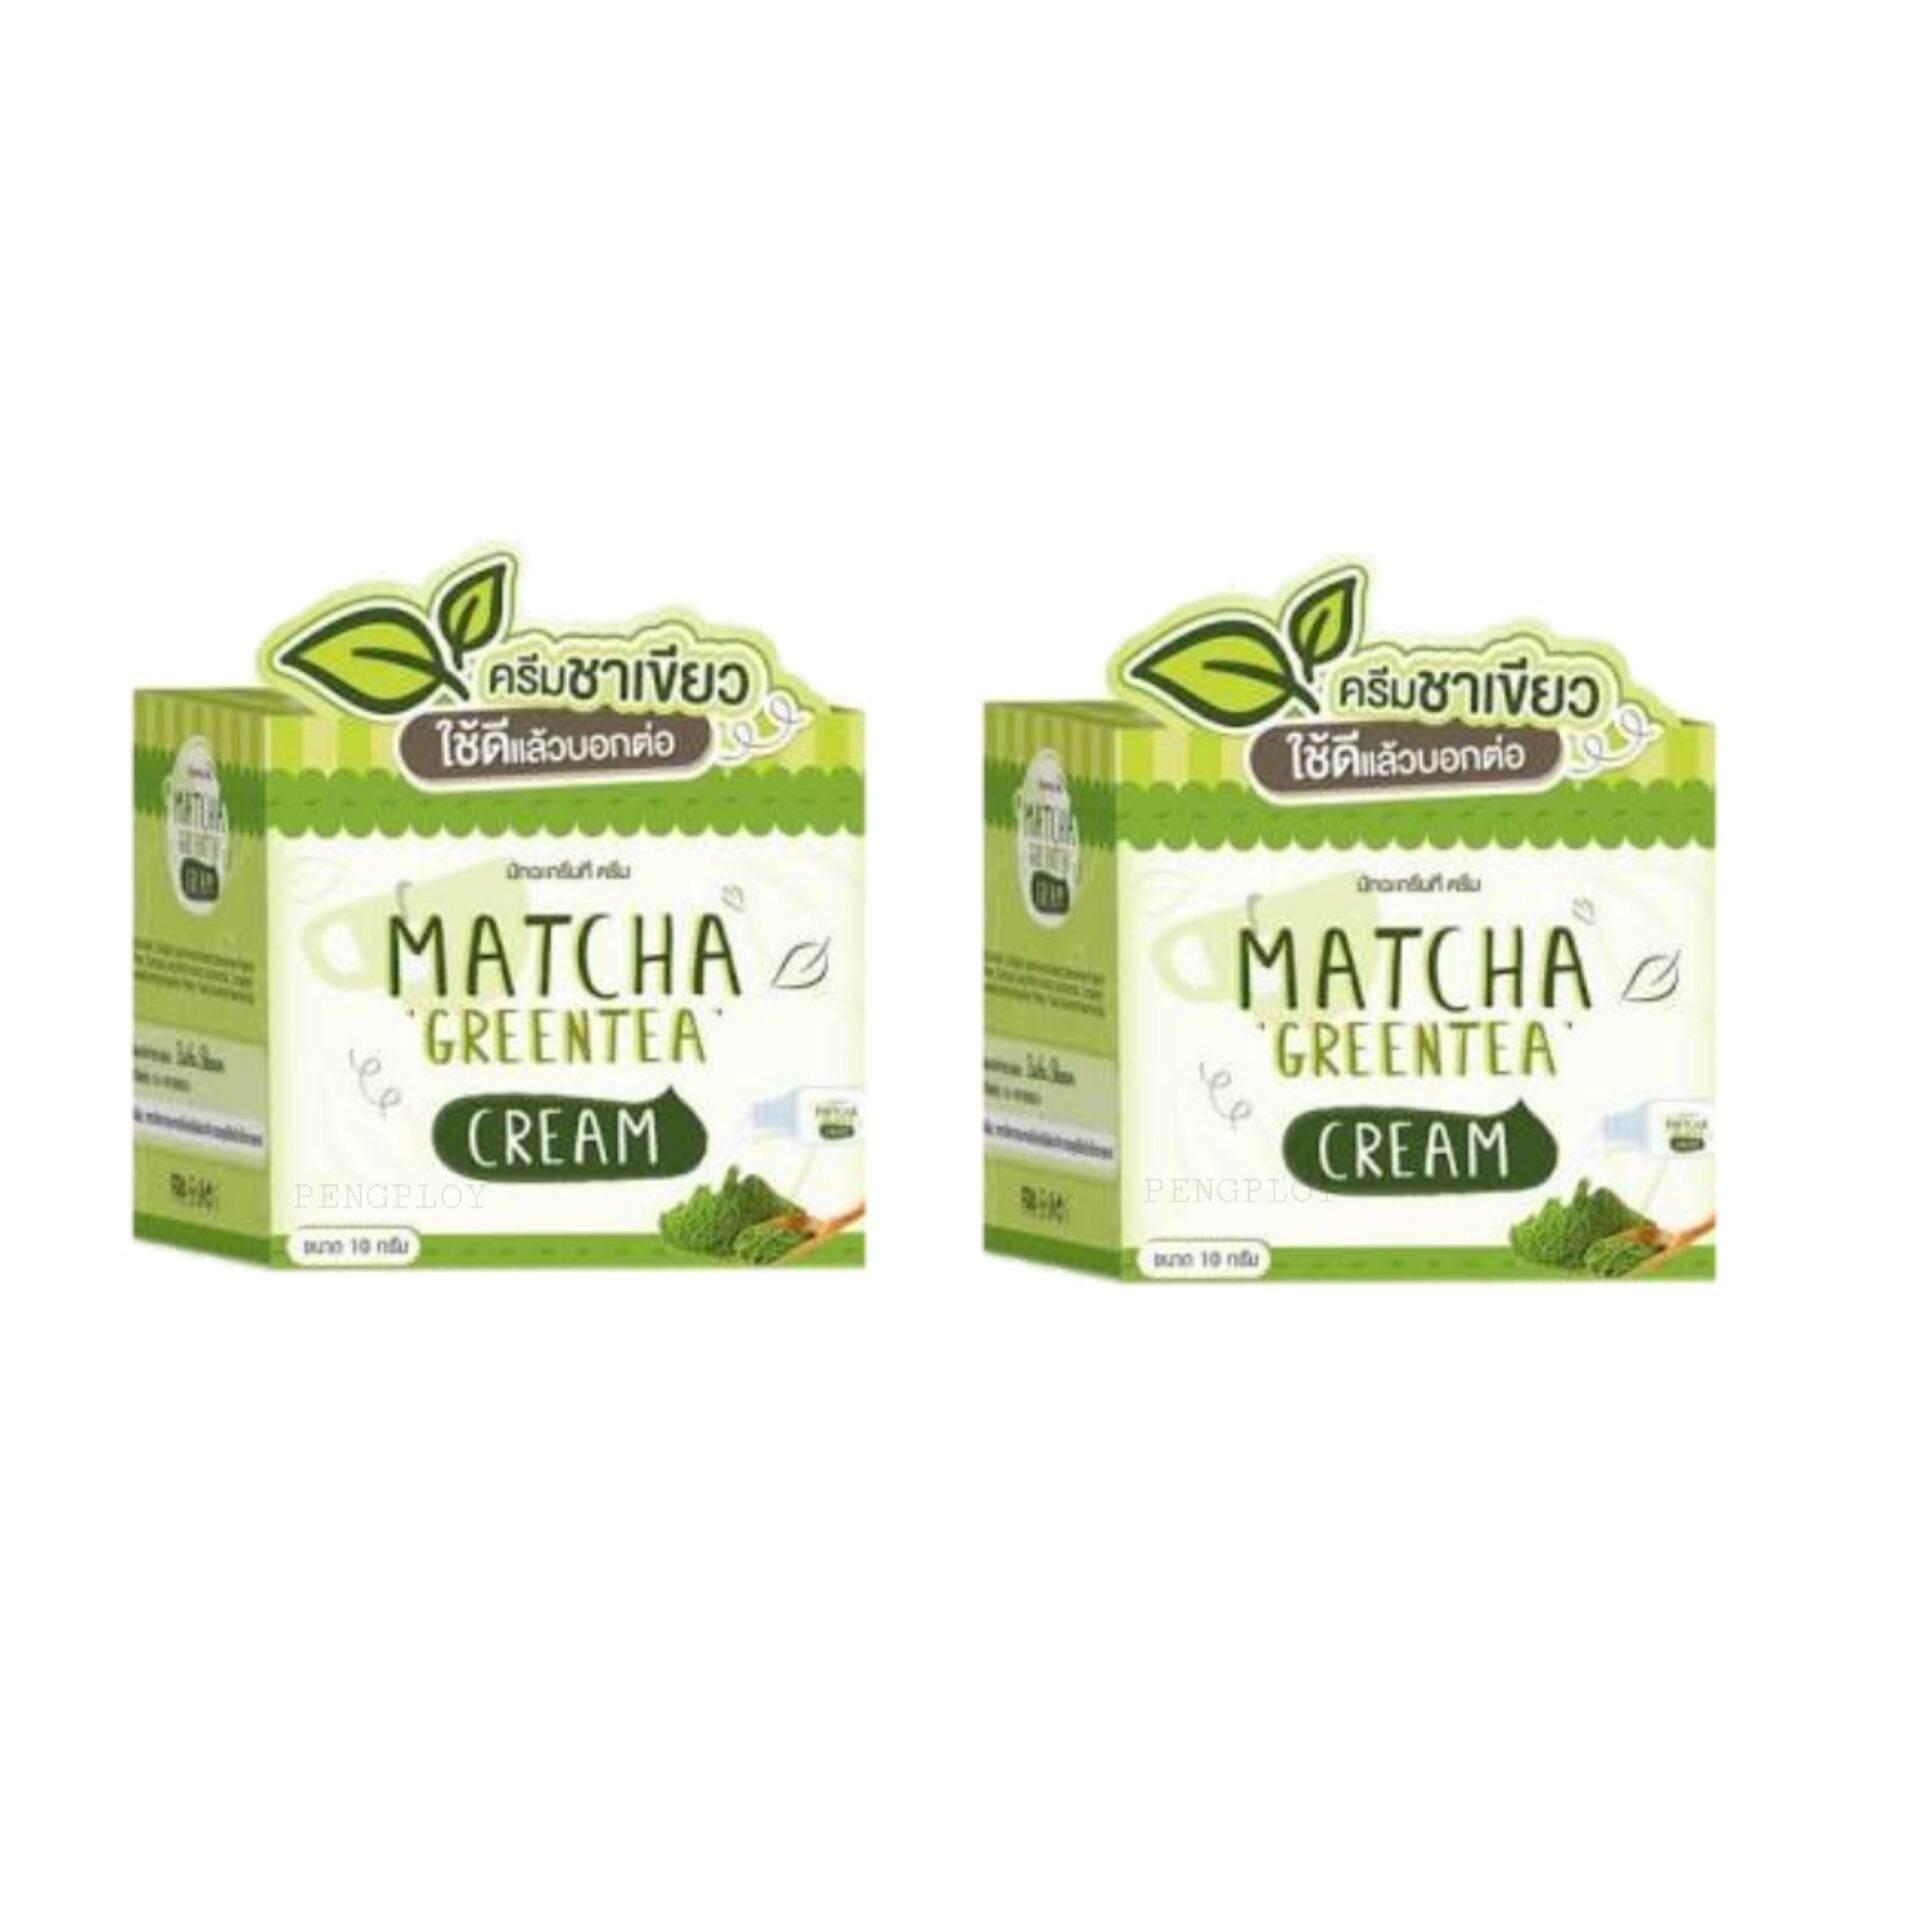 ใช้ดีไหมค่ะ Matcha Greentea Cream มัทฉะกรีนที ครีม ครีมชาเขียว หน้าขาวใส ห่างไกลสิว สุดยอดแห่งการบำรุงผิวหน้า อย่างล้ำลึก ขนาด 10 กรัม (2 กล่อง) เห็นผลทันตา